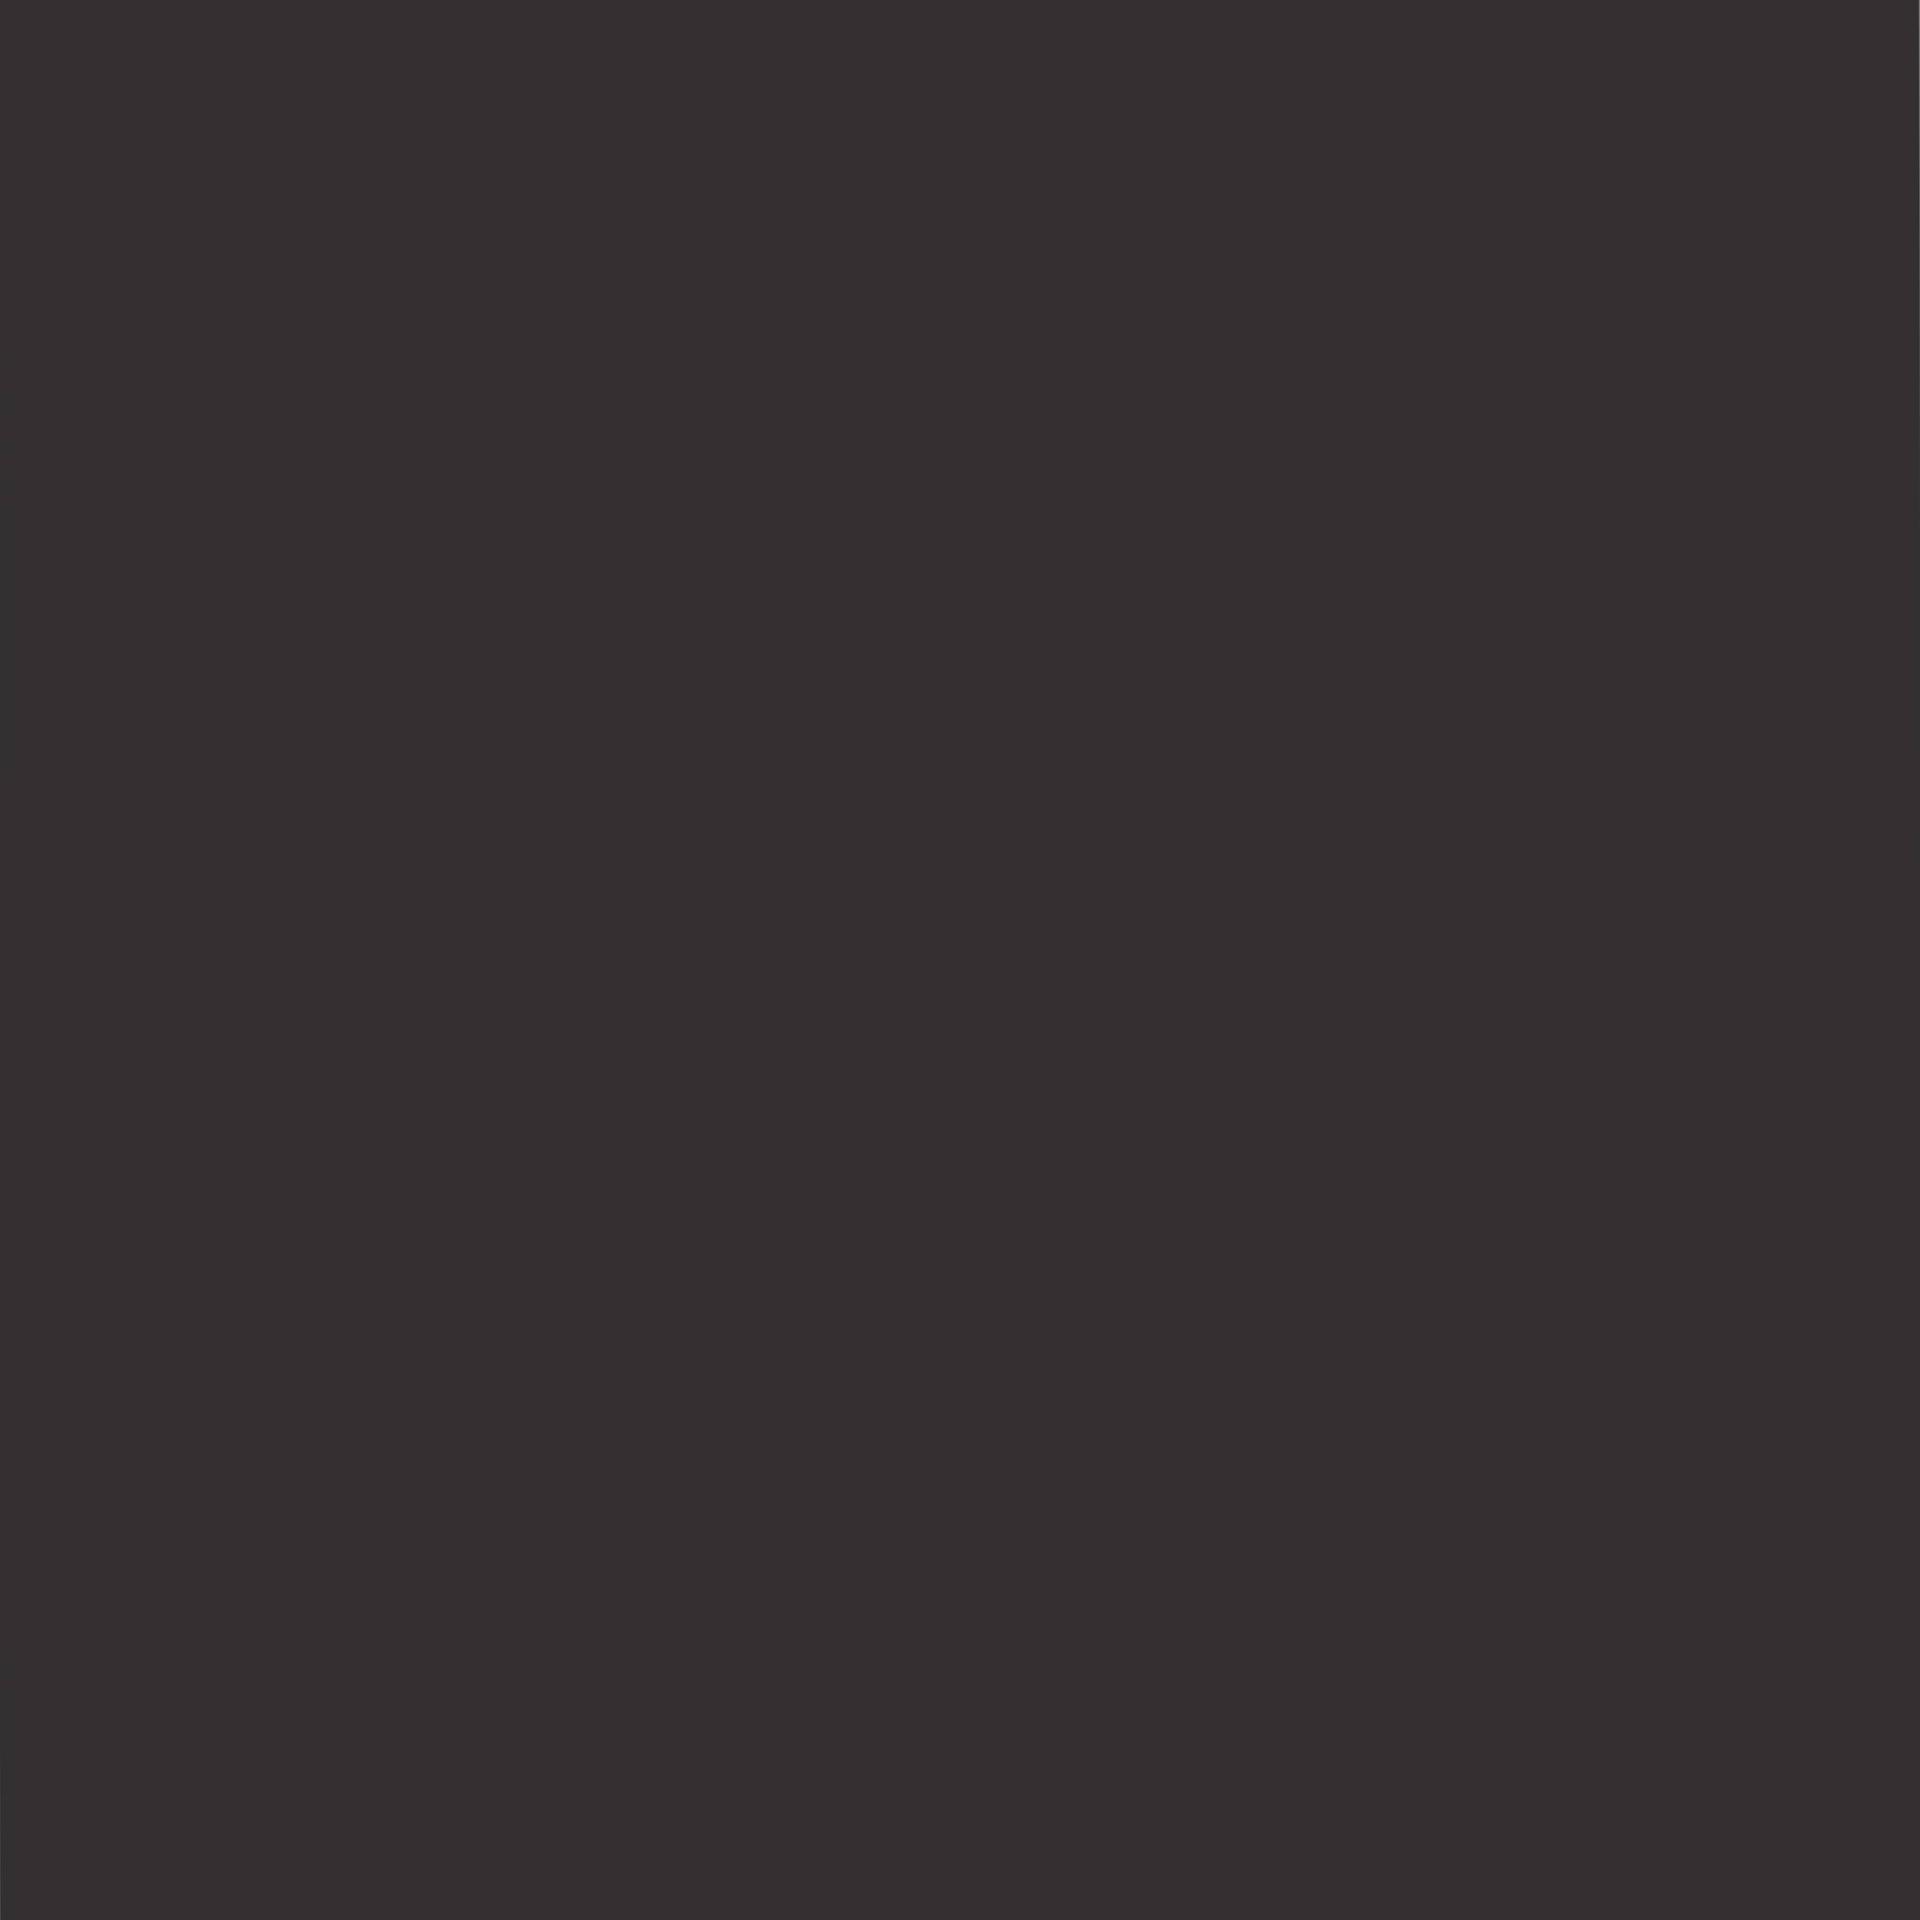 凯伦印象 HPF6600 灰黑